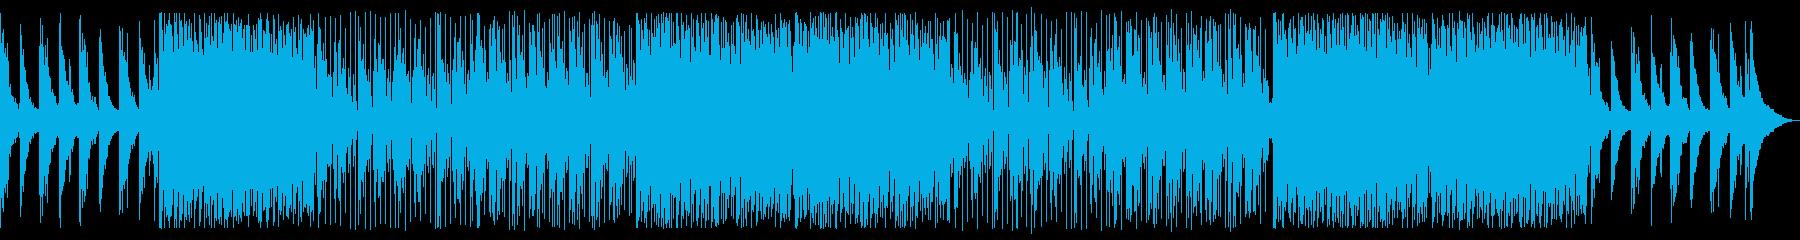 キラキラとしたエモーショナルなエレクトロの再生済みの波形